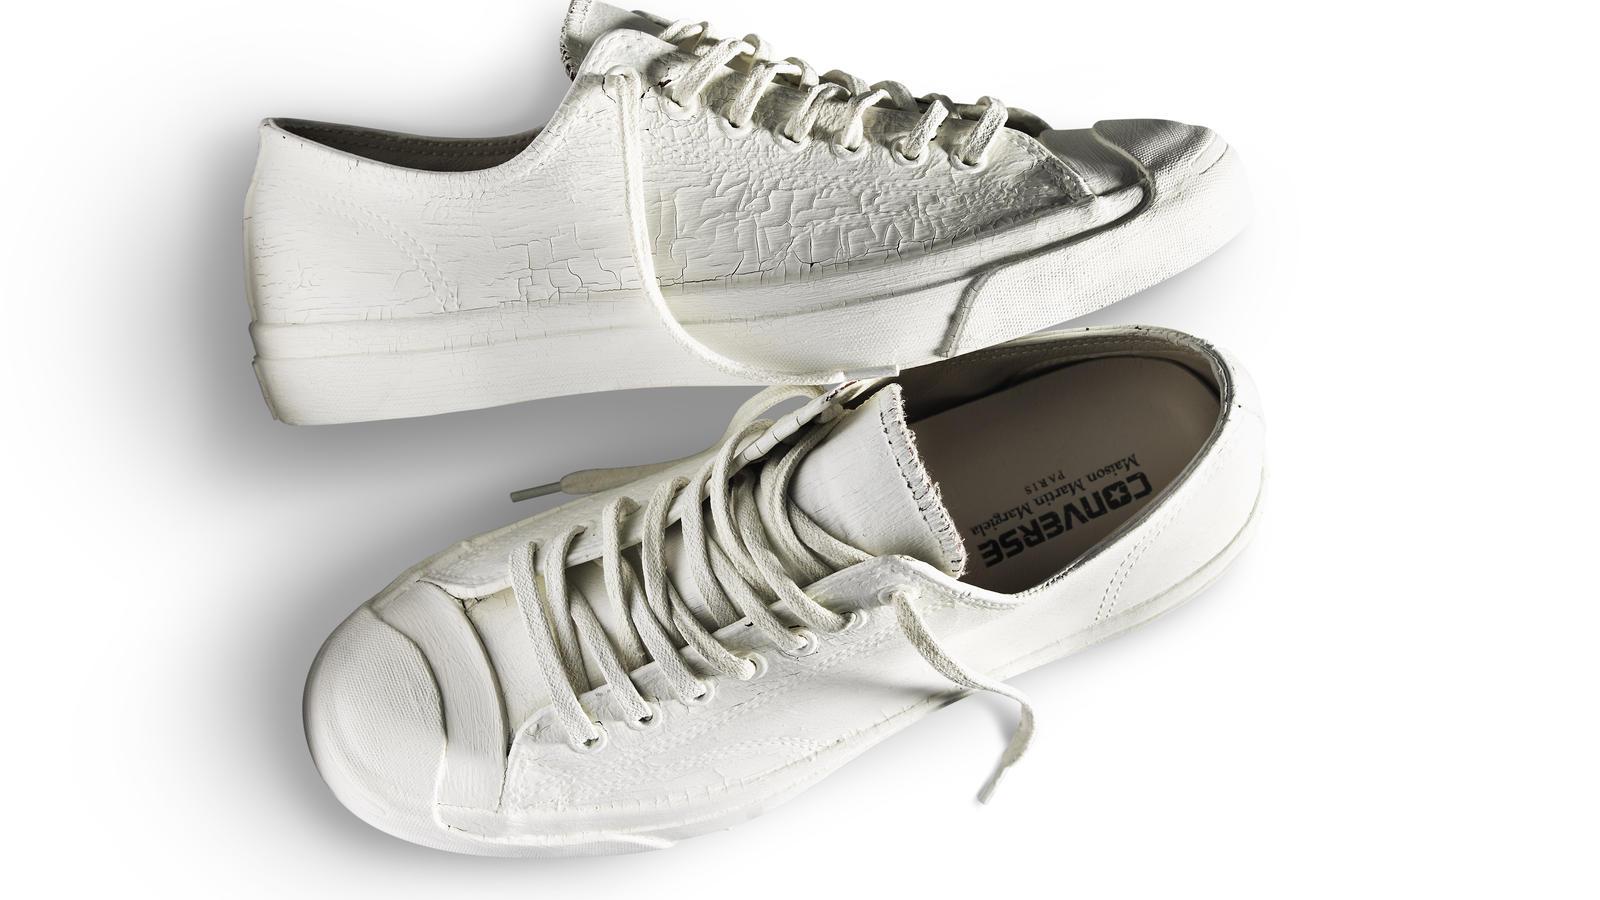 mmm sneakers